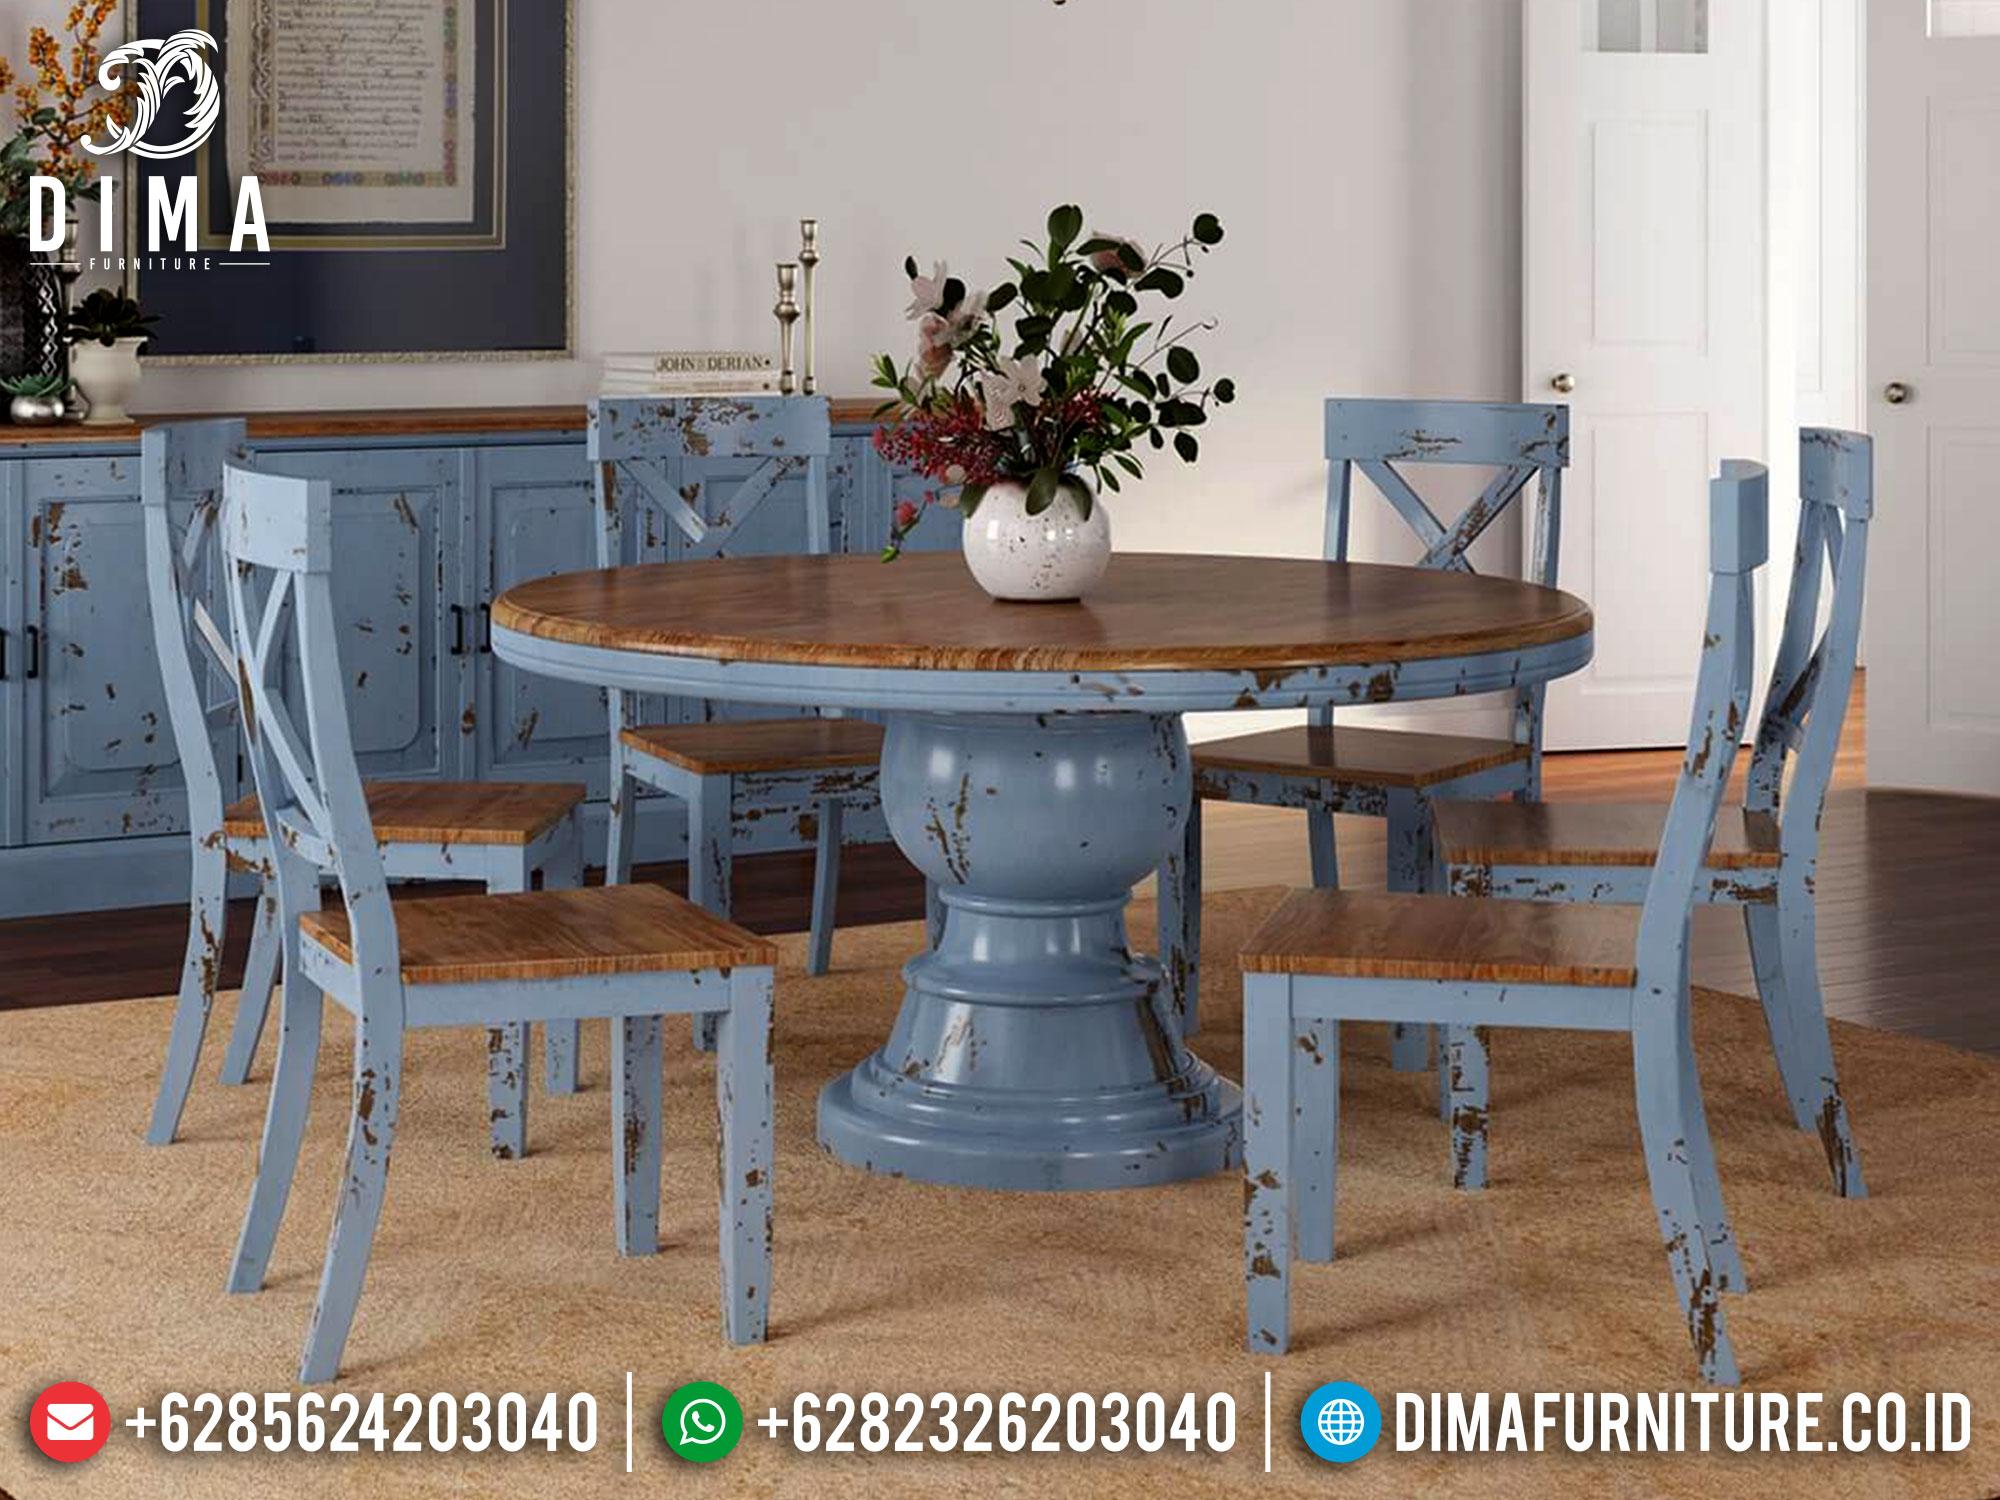 Set Meja Makan Minimalis Bundar Classic Rustic Design French Style Mm-1048